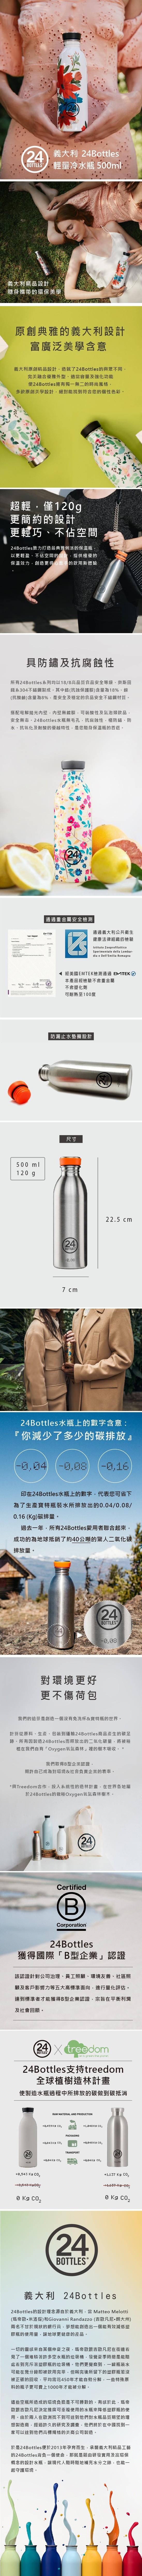 (複製)義大利 24Bottles|輕量冷水瓶 500ml - 火星迷情